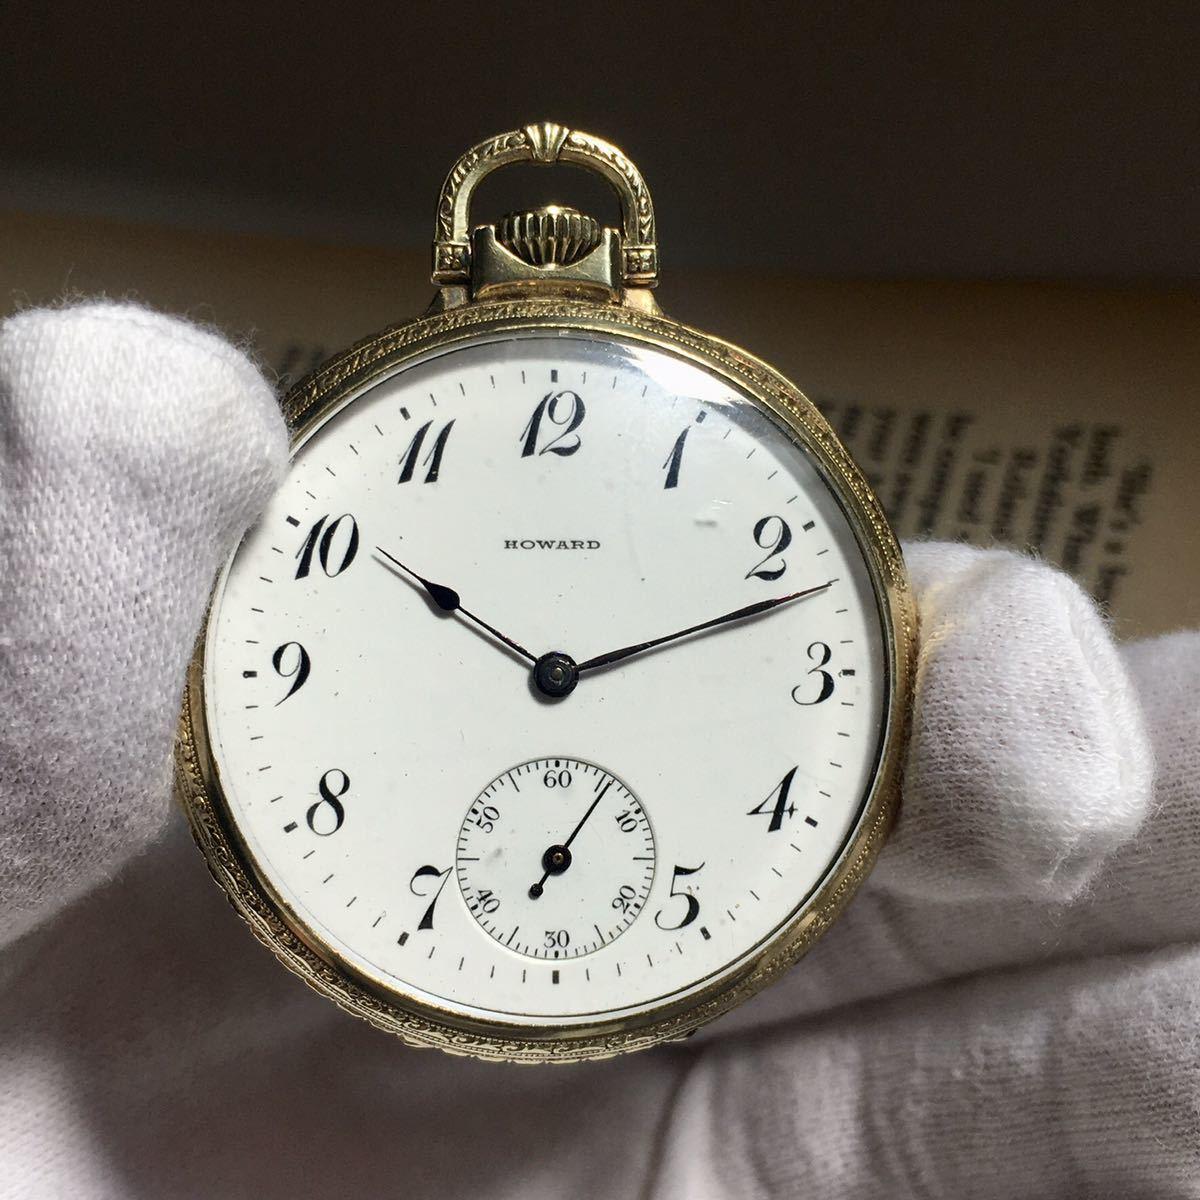 希少!!動作良好★HOWARD ハワード アンティーク 懐中時計 1911年 手巻き ケース径46㎜ 14KGF ビンテージ ポケットウォッチ 文字盤ホワイト_画像9